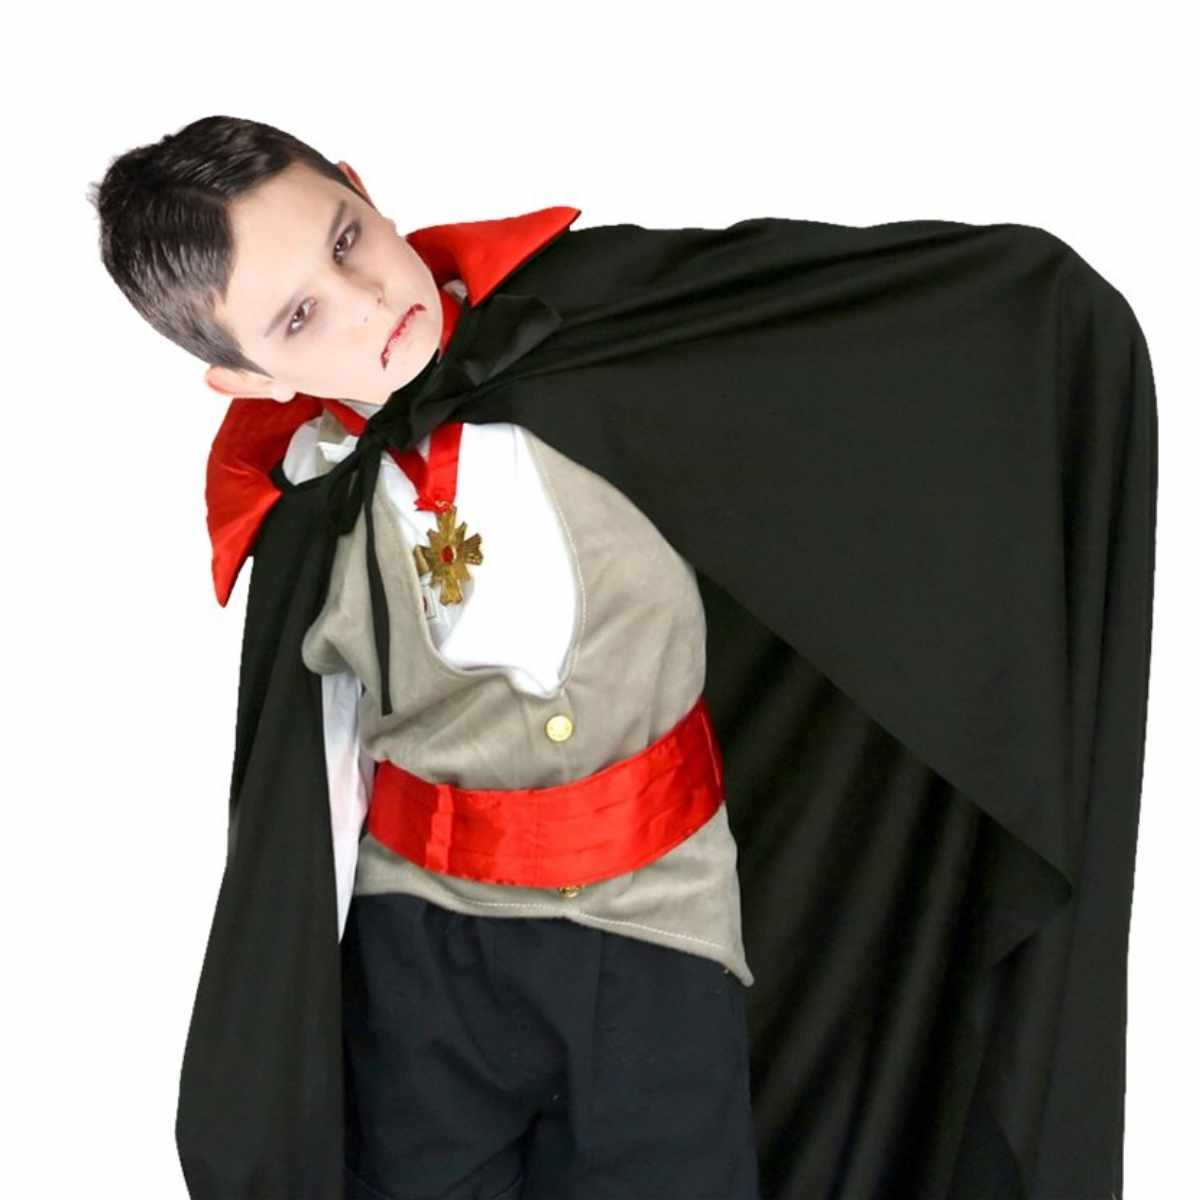 Capa Dracula Infantil com Gola Vermelha Poliéster 1,00m